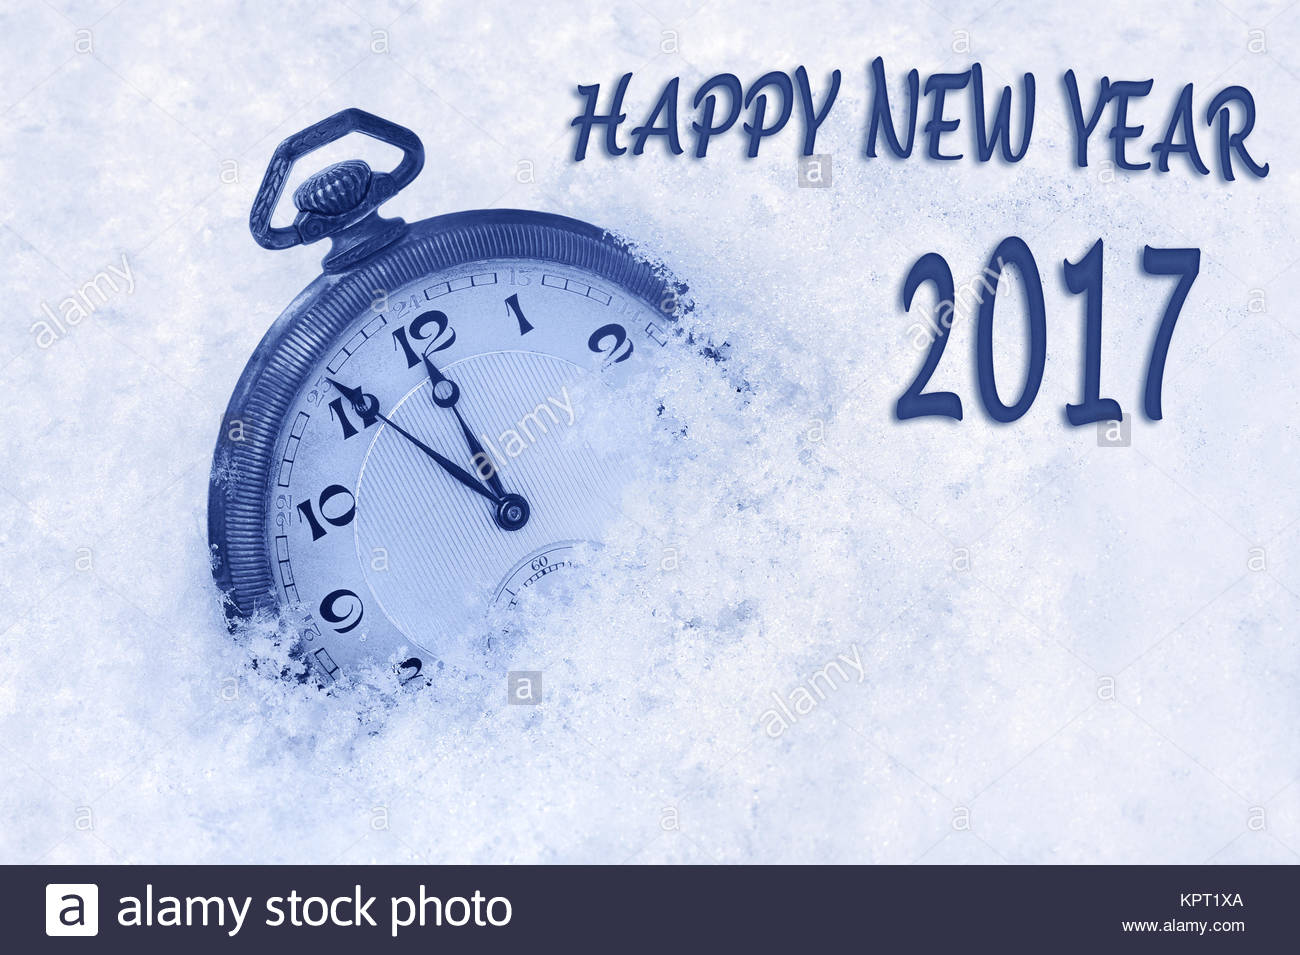 New year 2017 greeting in english language pocket watch in snow new year 2017 greeting in english language pocket watch in snow happy new year 2017 text m4hsunfo